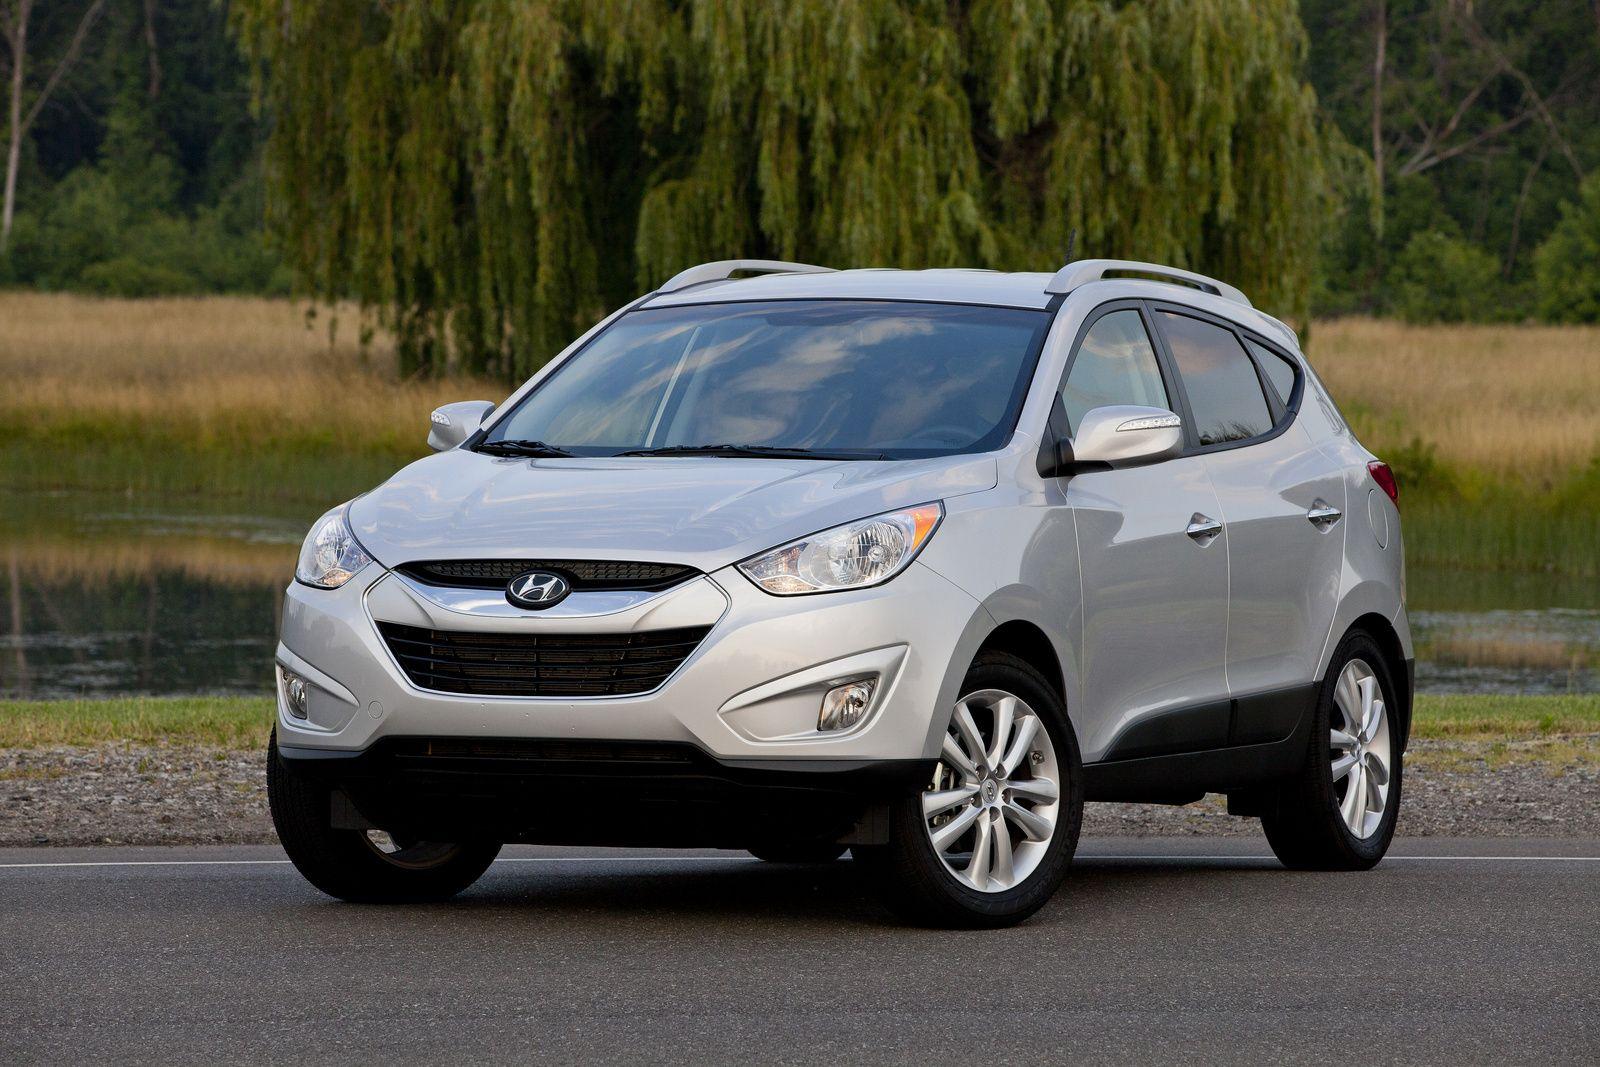 Hyundai Tucson 2013 Hyundai Tucson Hyundai Crossover Suv